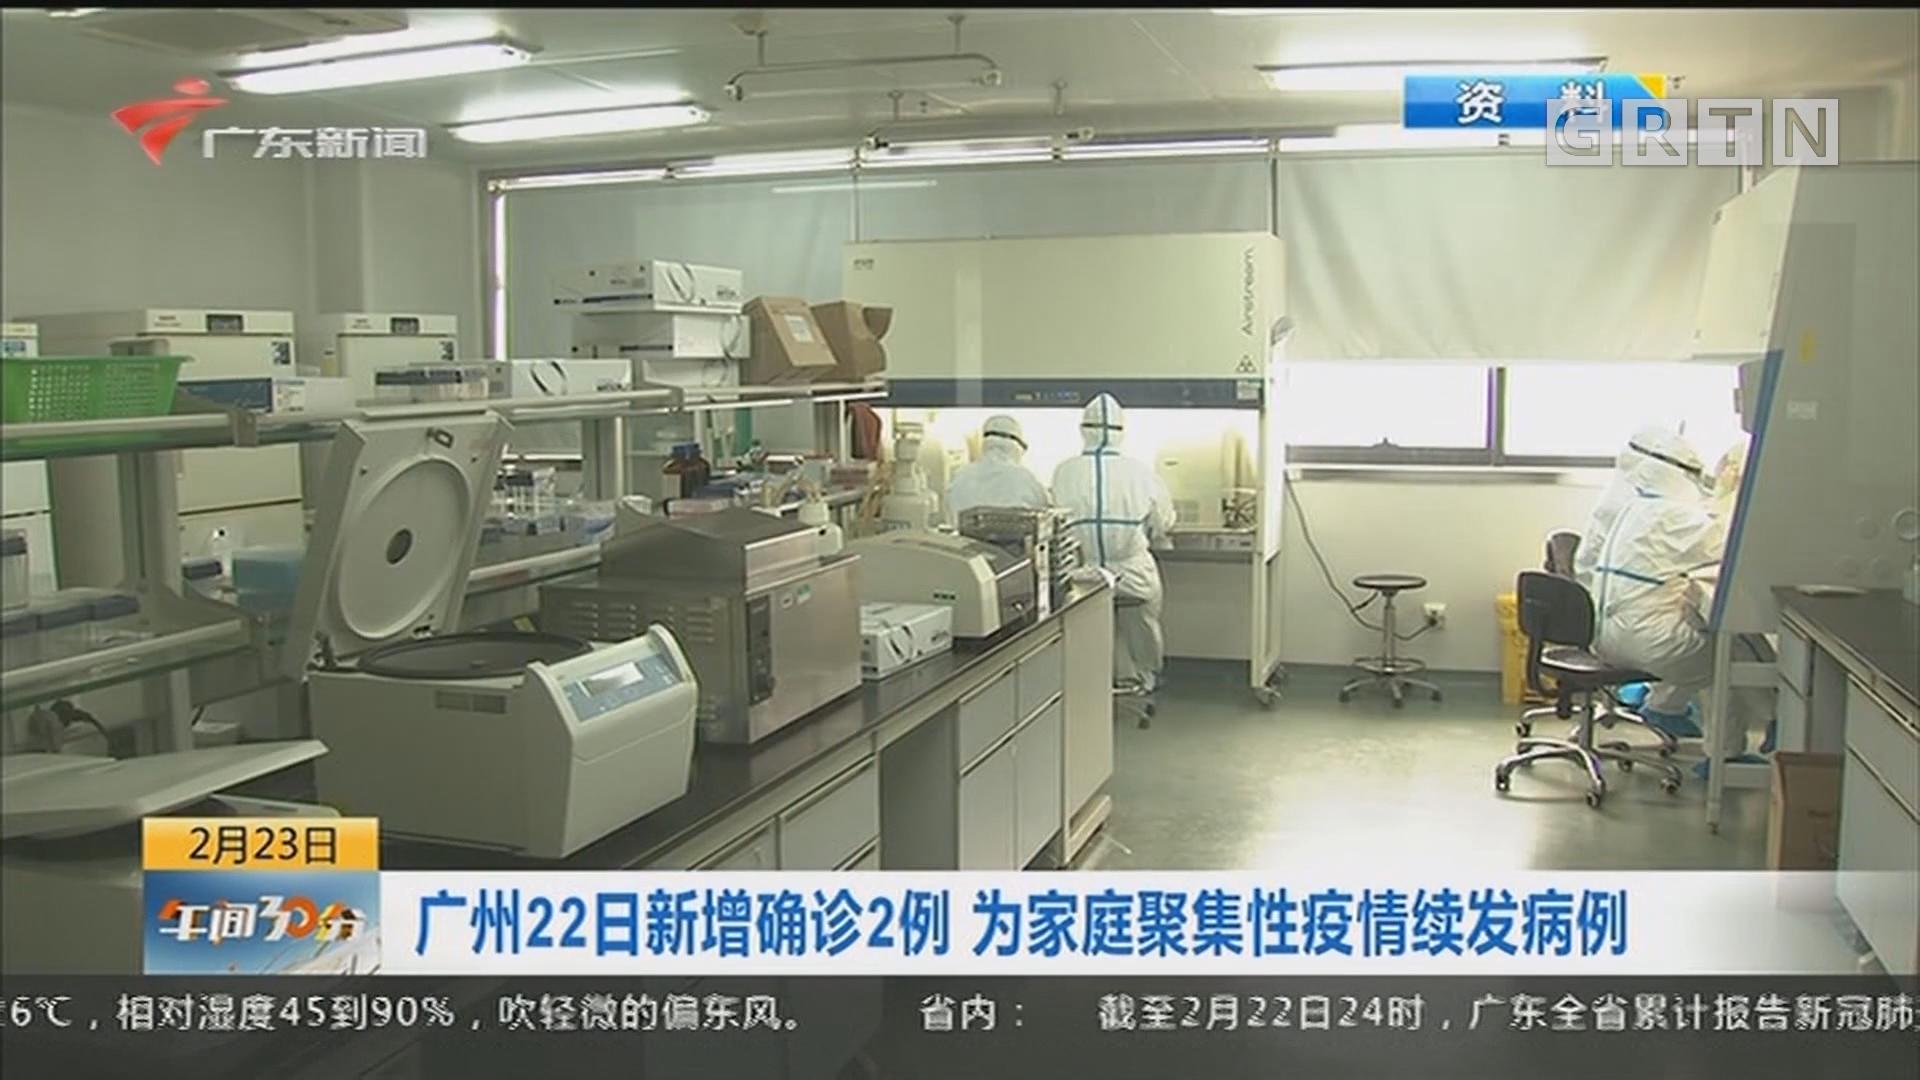 广州22日新增确诊2例 为家庭聚集性疫情续发病例